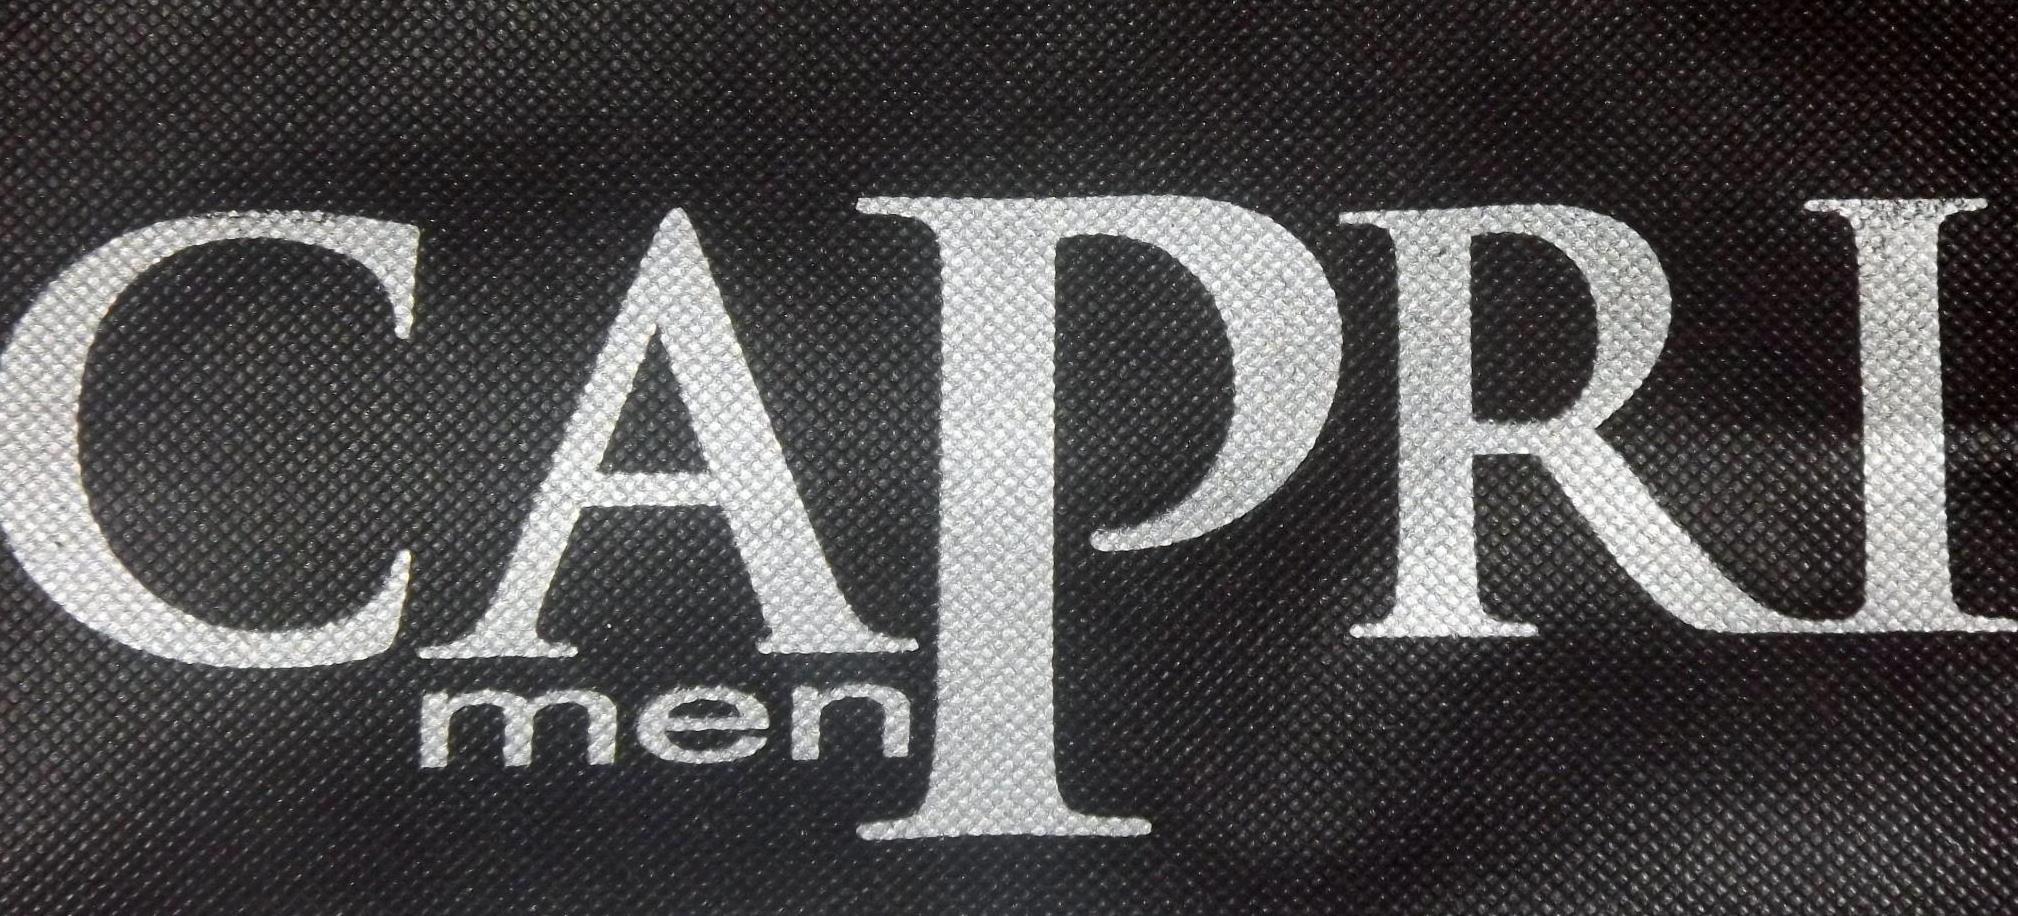 CAPRI MEN